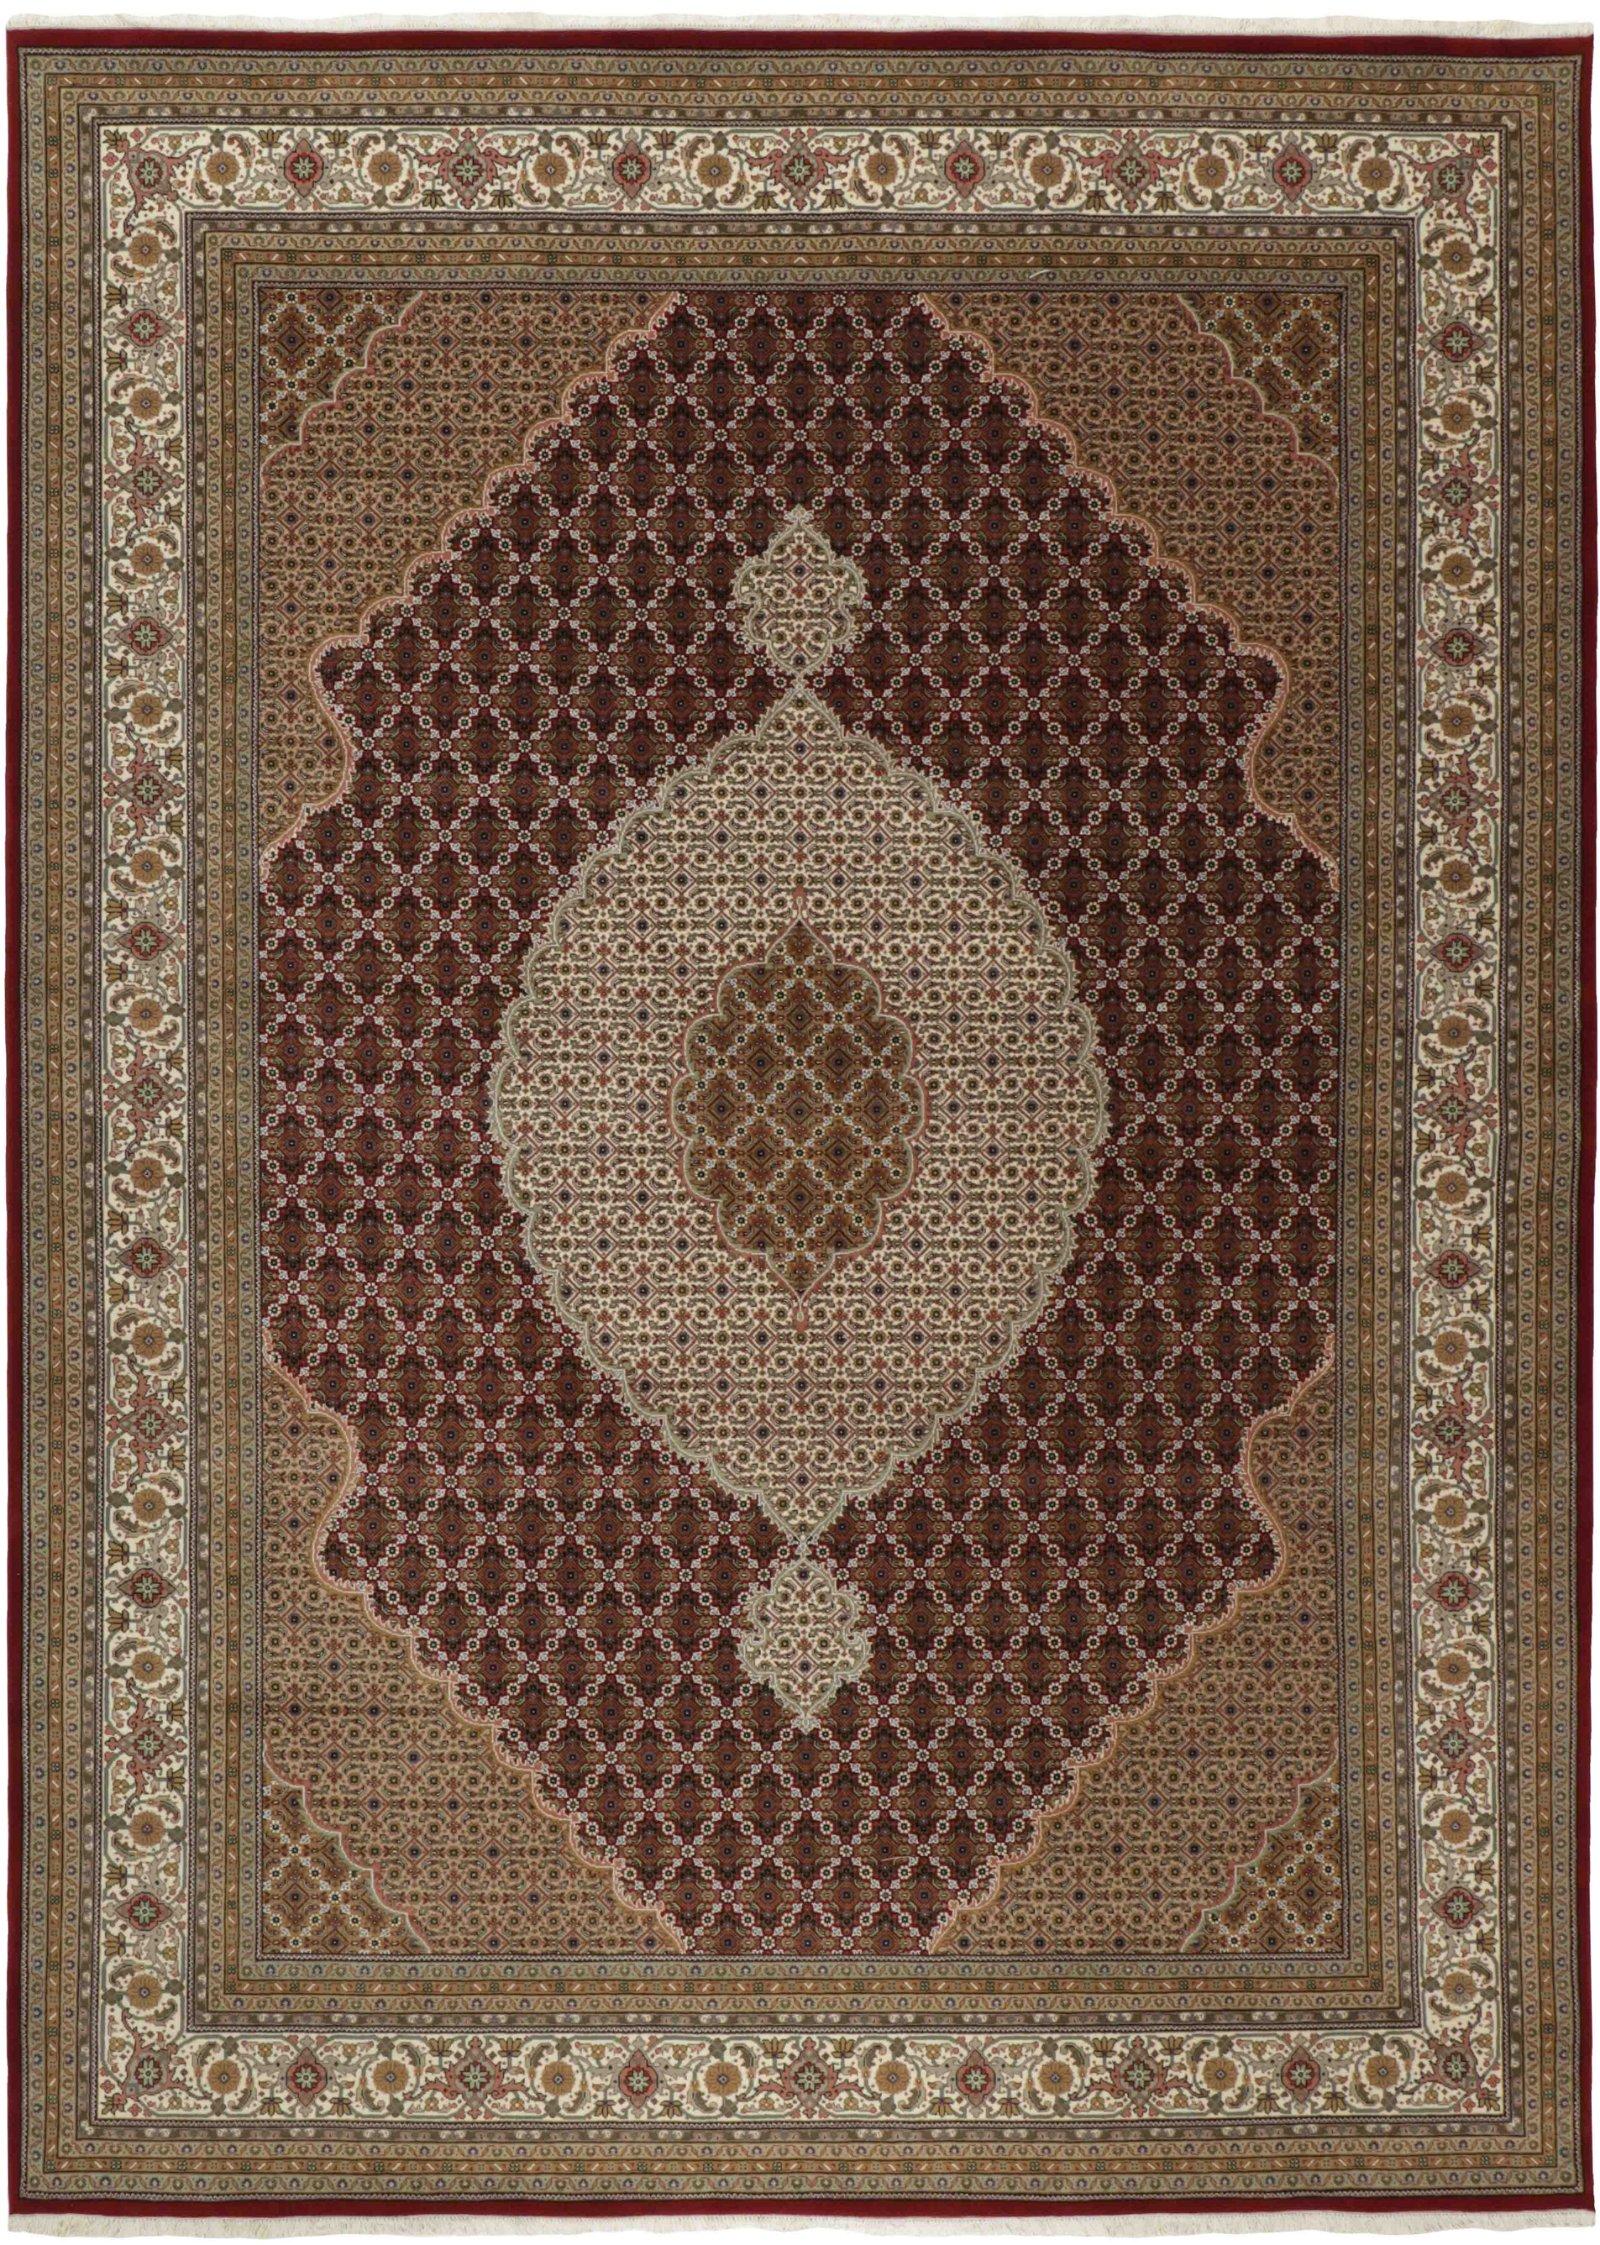 Indien Tabriz Indi 300x400 1175816